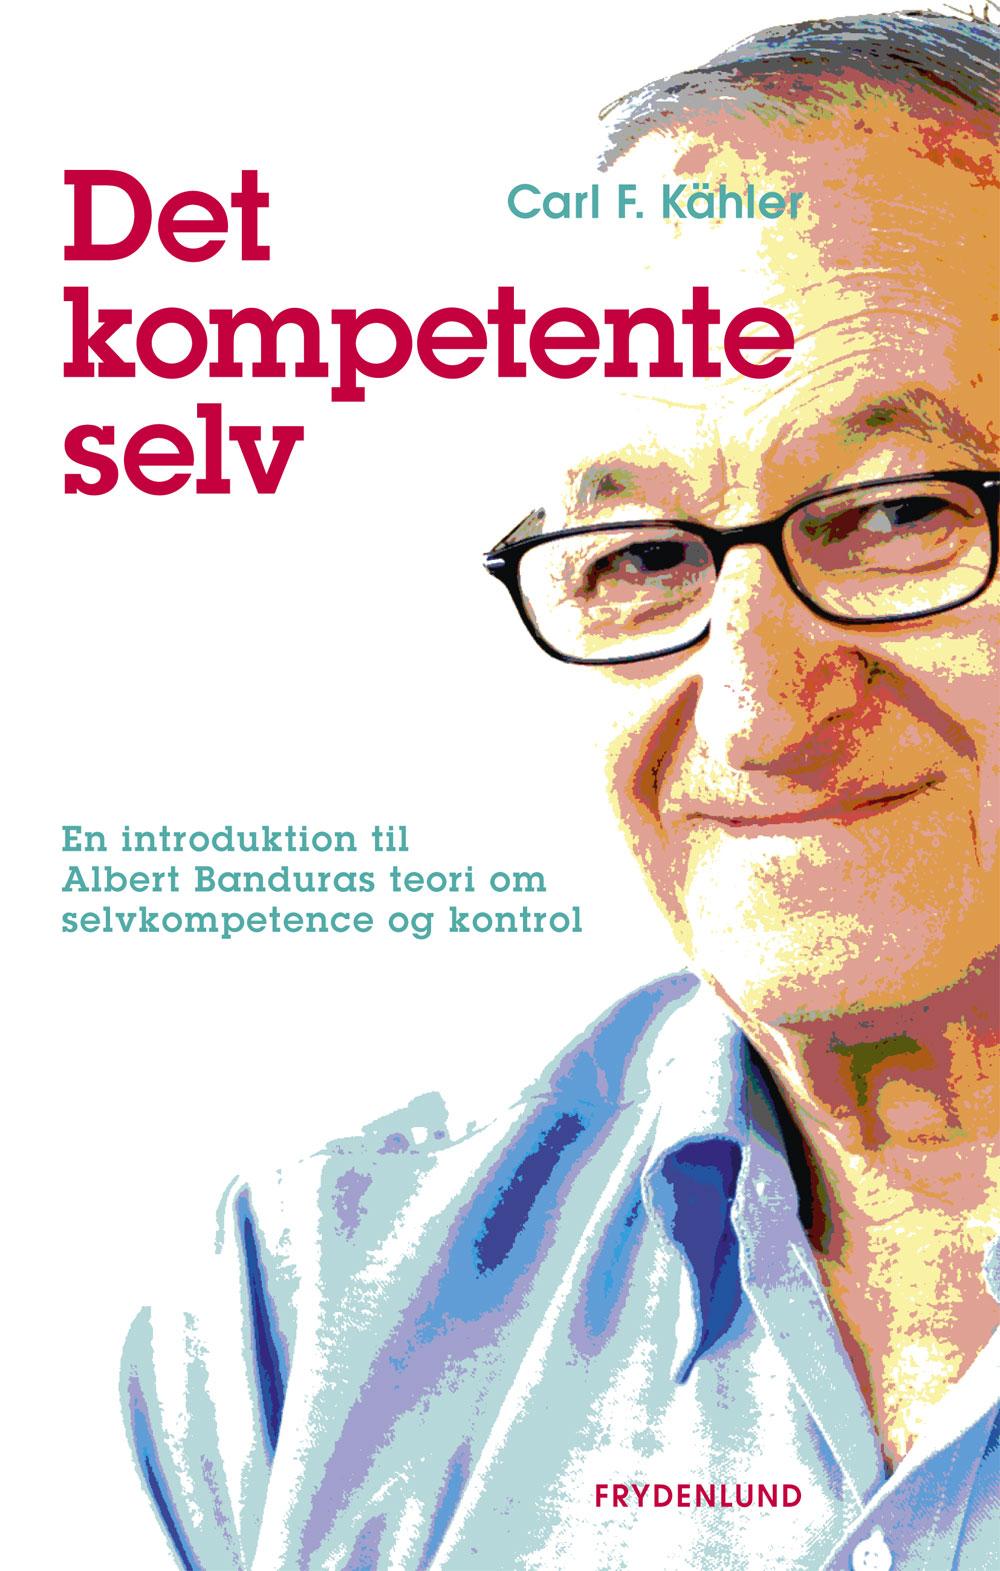 Det kompetente selv - e-bog fra N/A fra bog & mystik